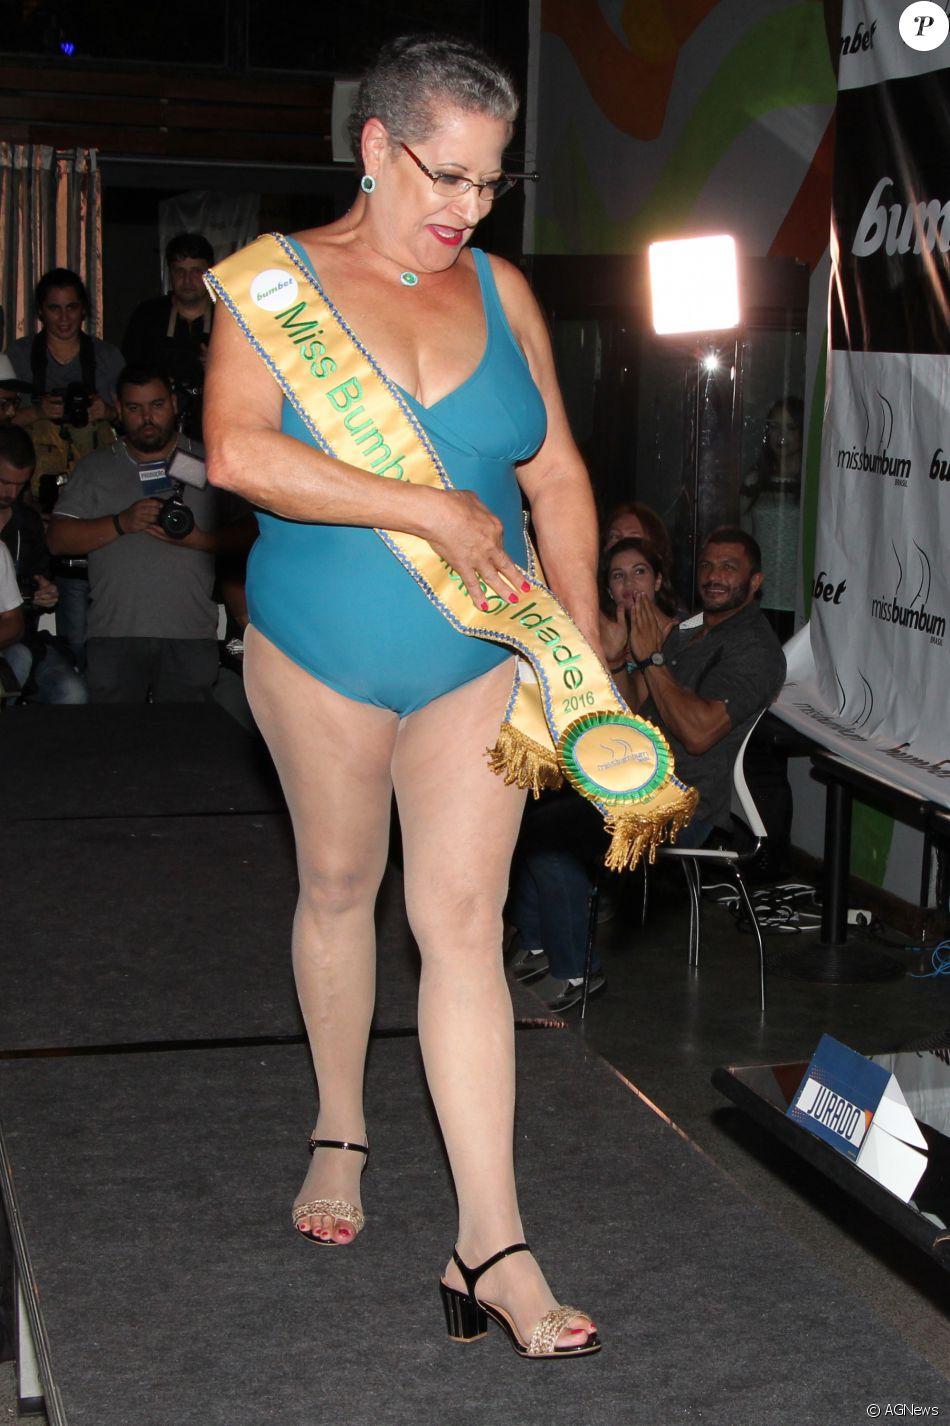 Dona Geralda venceu o concurso Miss Bumbum Melhor Idade na noite desta quarta, 9 de novembro de 2016, em São Paulo